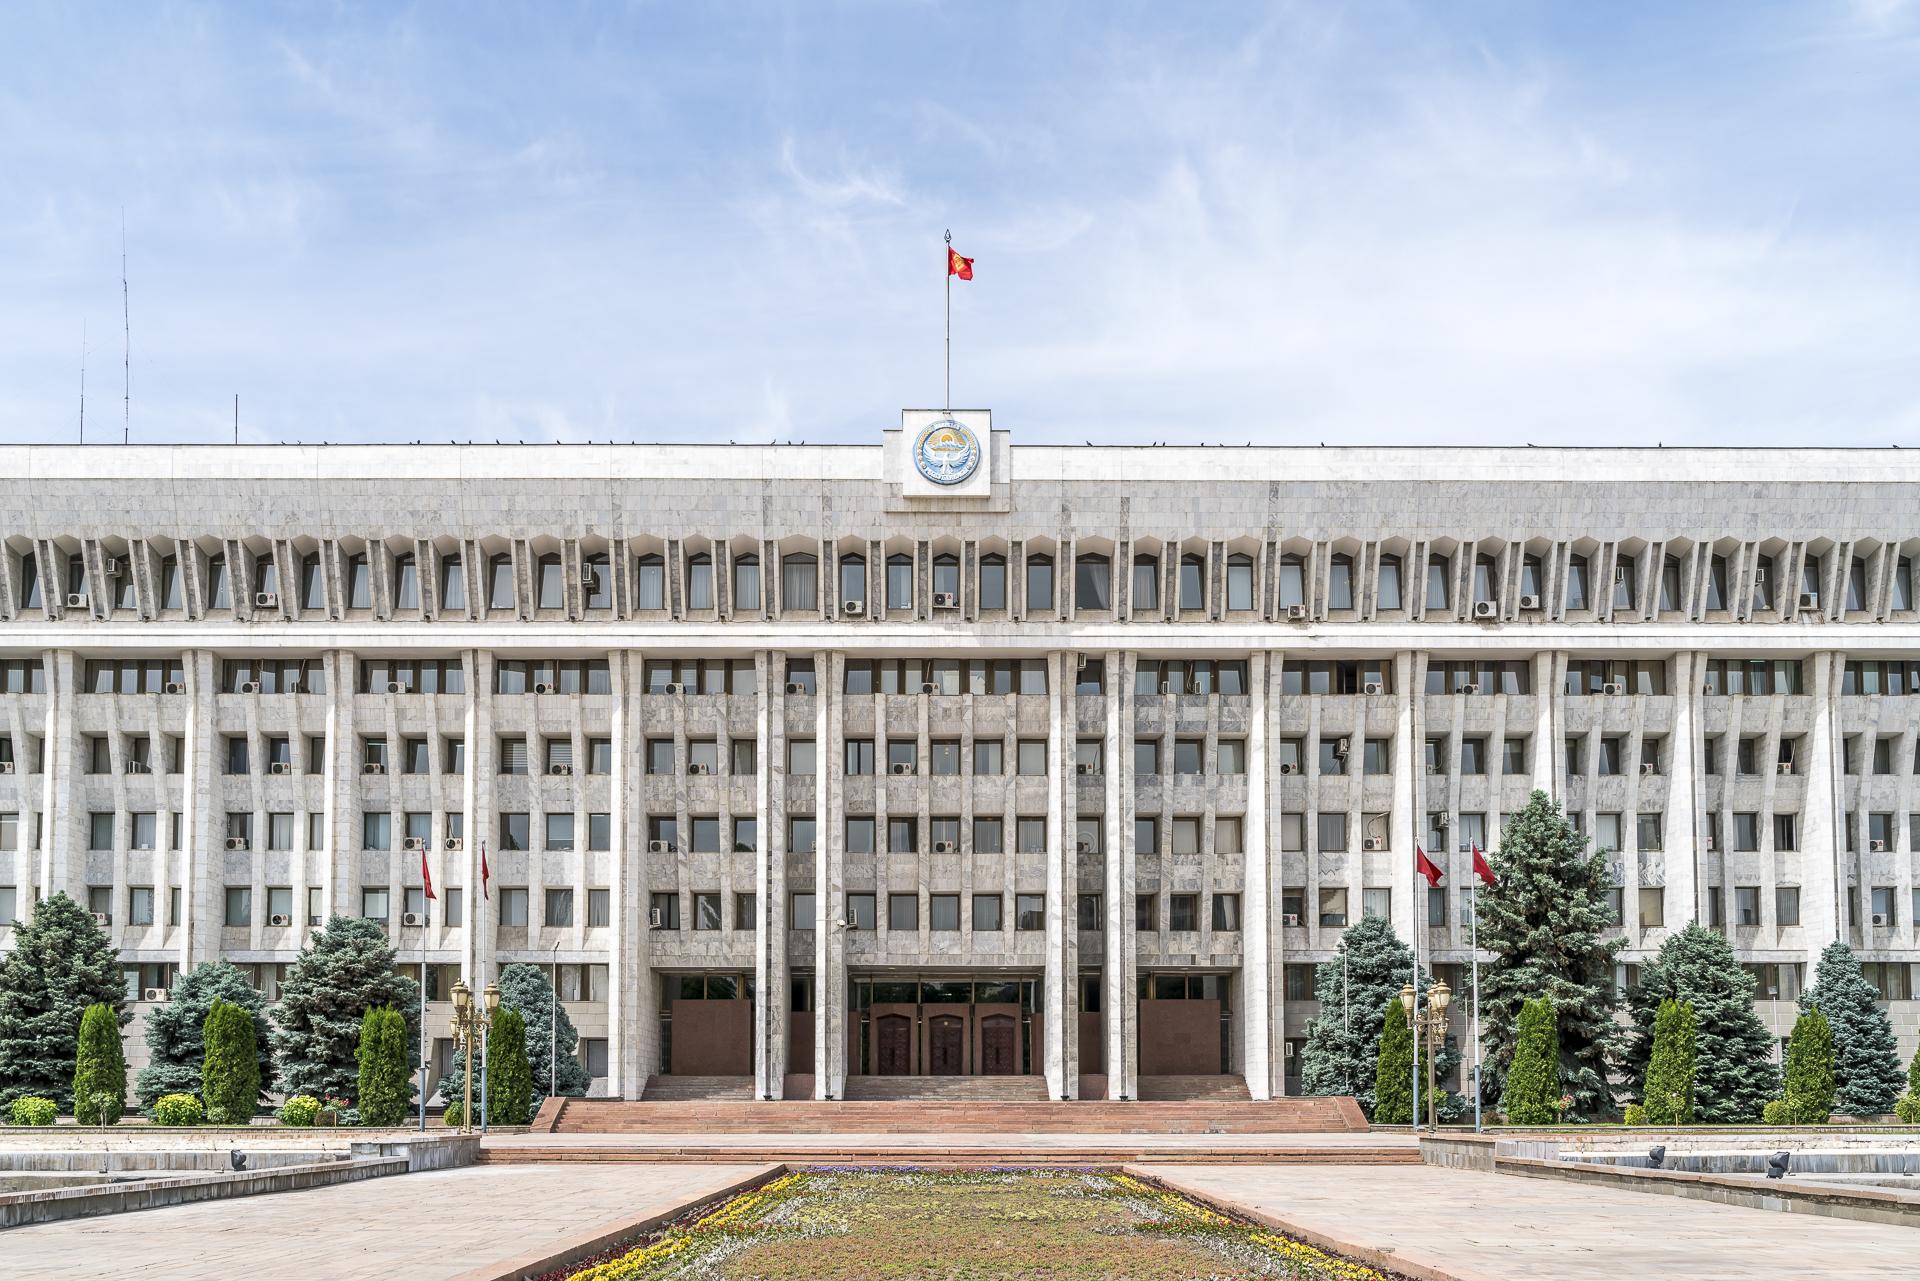 Sowjetarchitektur in Bischkek